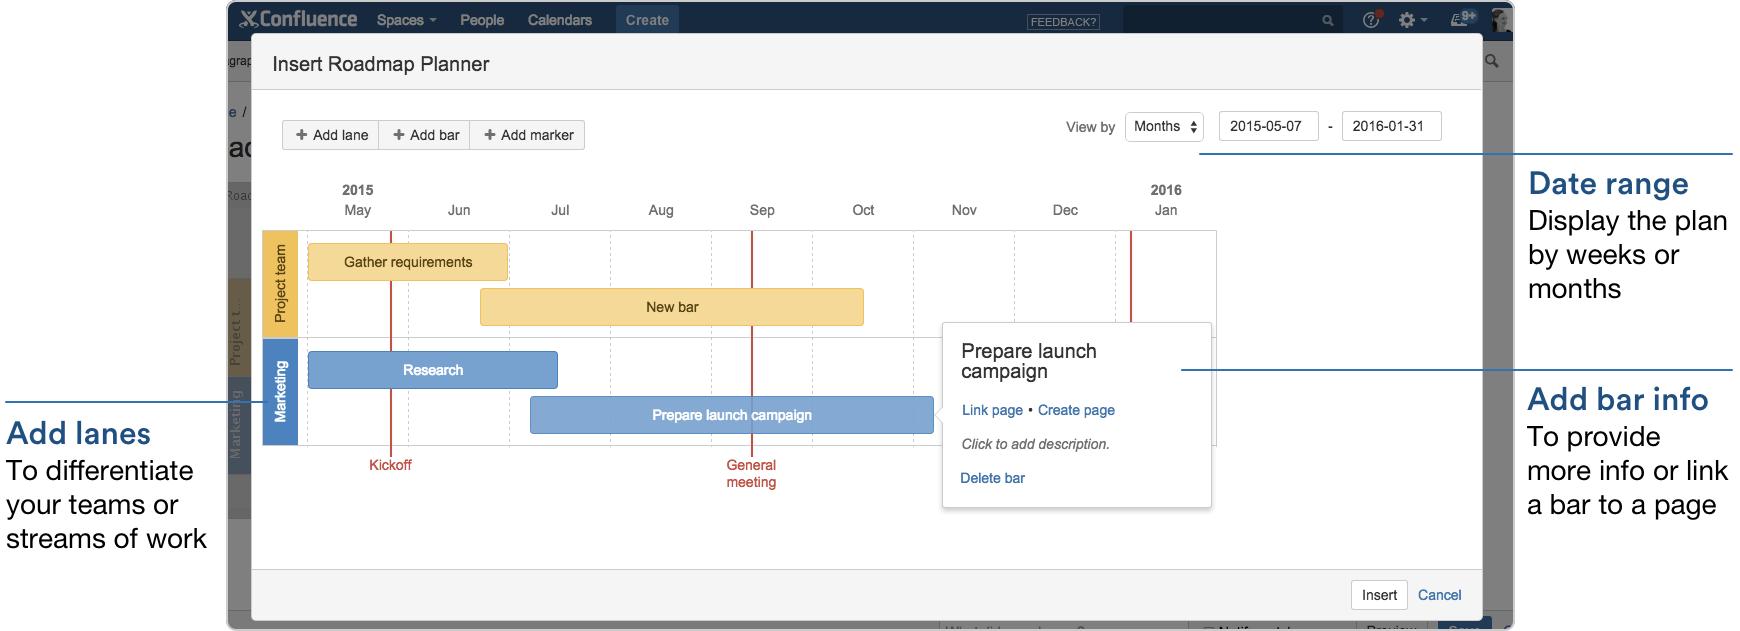 Roadmap Planner Macro - Atlassian Documentation